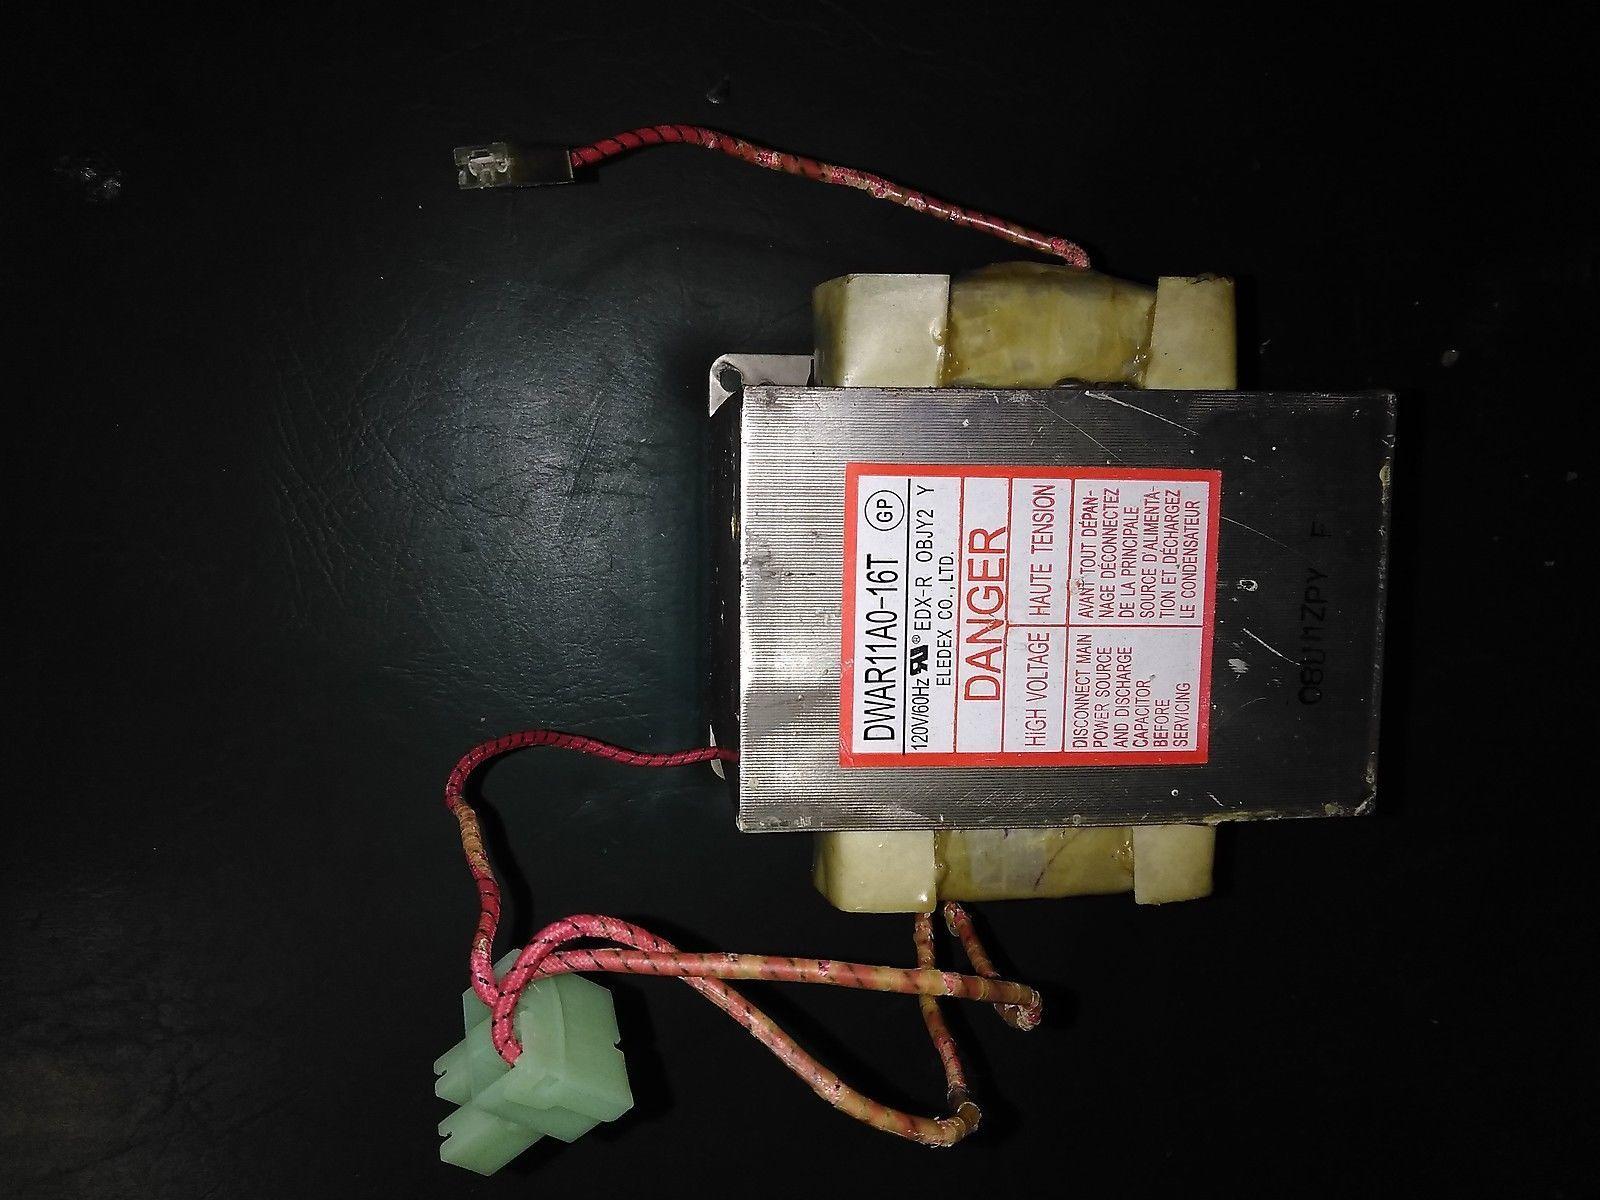 7LLL97 MAGIC CHEF MCD1611 TRANSFORMER, ELEDEX DWAR11A0-16T: 1.8 OHM PRI, 1.1 OHM - $35.41